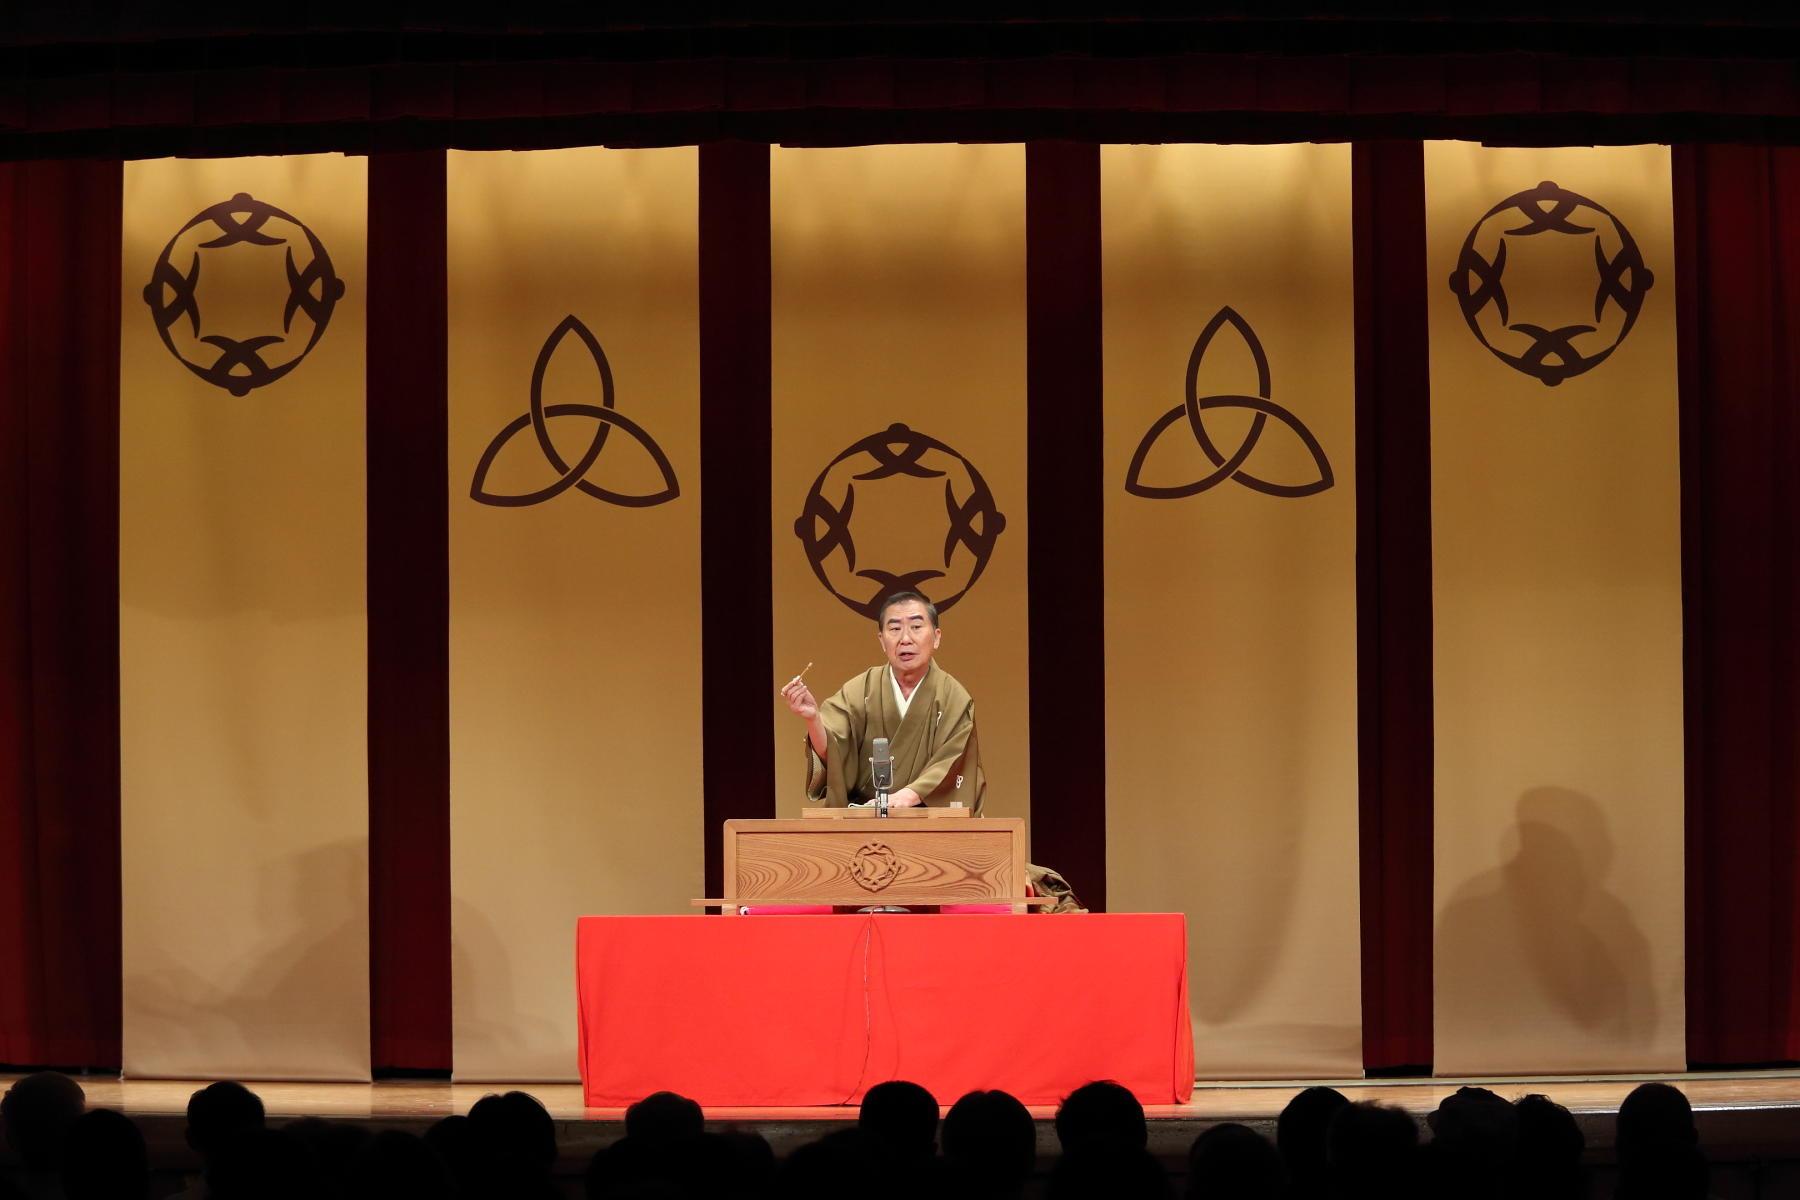 http://news.yoshimoto.co.jp/20180925103835-5f323f1463ddd7c0db1327d3efdc4aab15a04f64.jpg